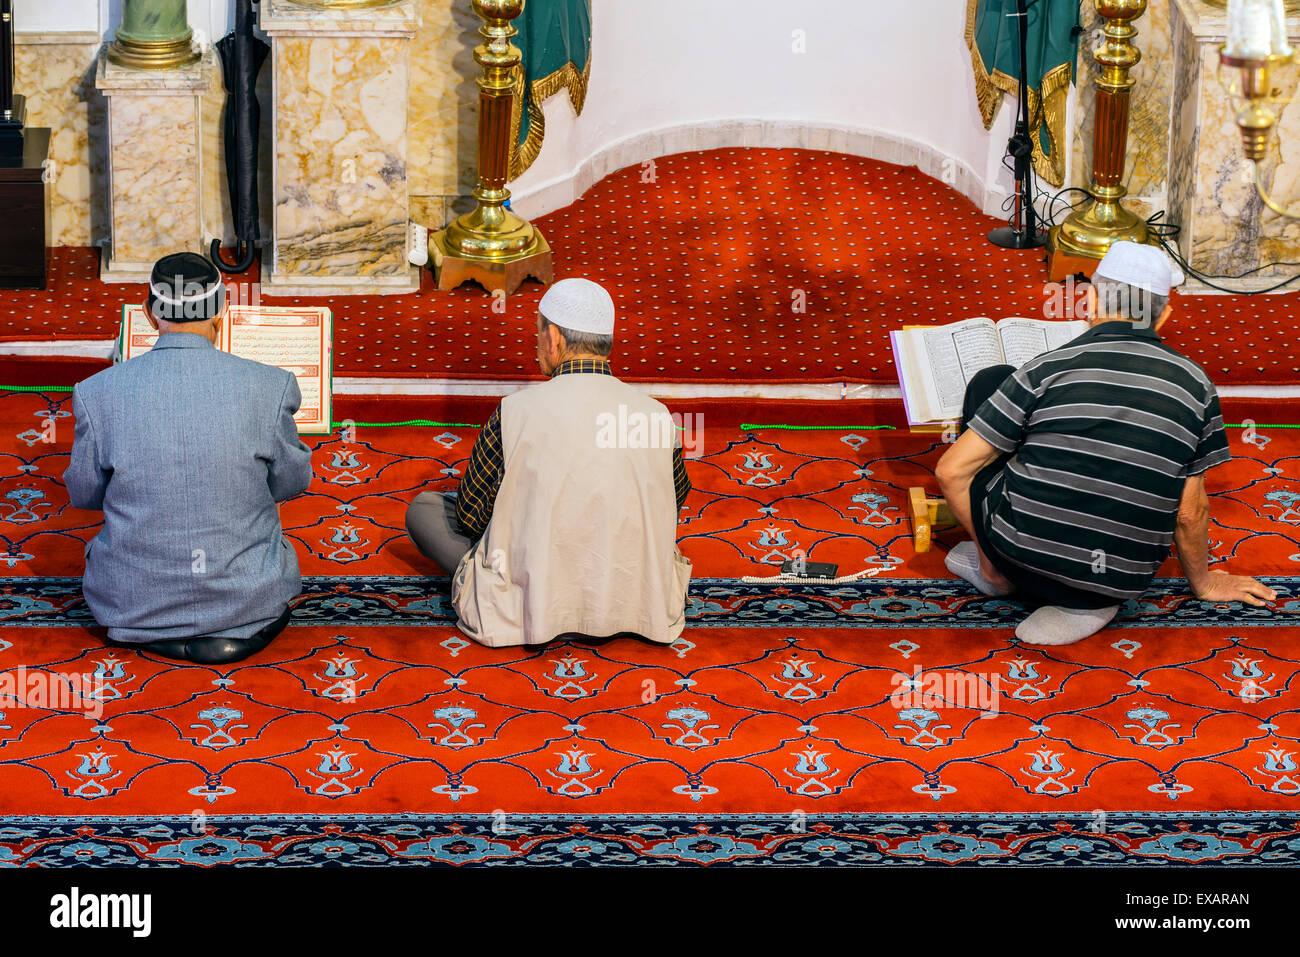 Adoradores que oraban dentro de Hisar Camii o Mezquita fortaleza, Izmir, Turquía Imagen De Stock